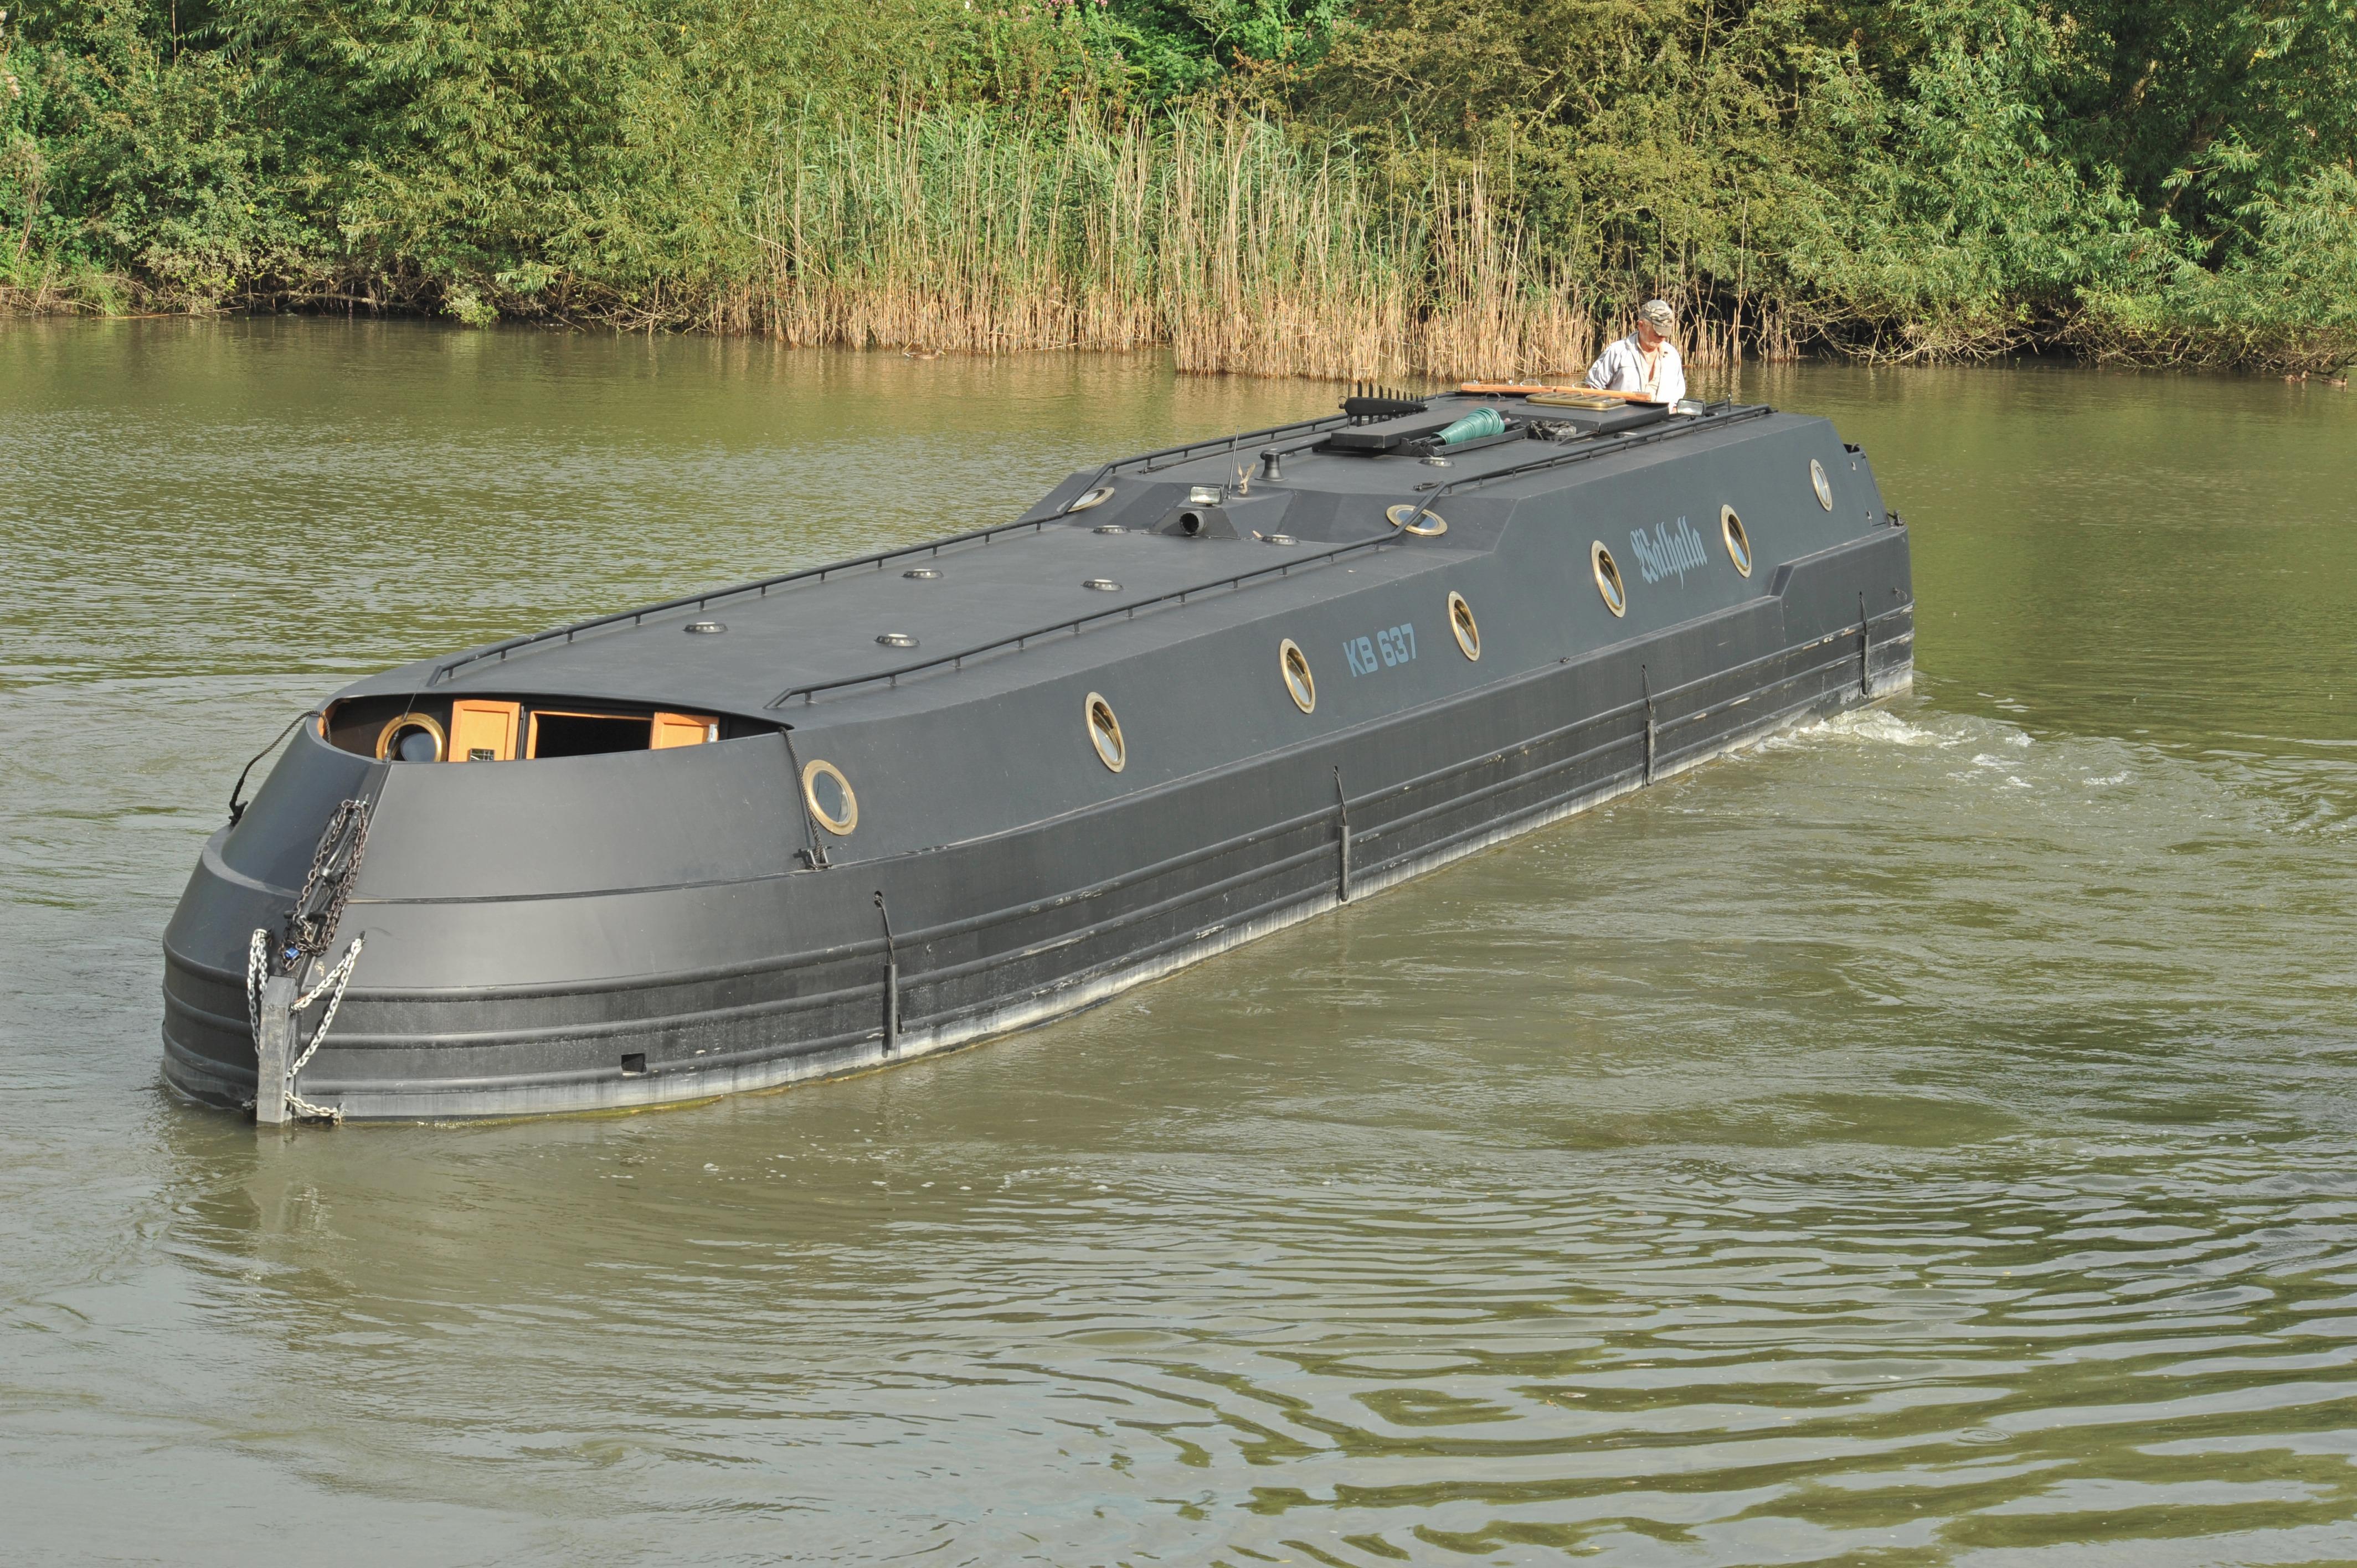 Wide Beam Narrowboat Reeves 58